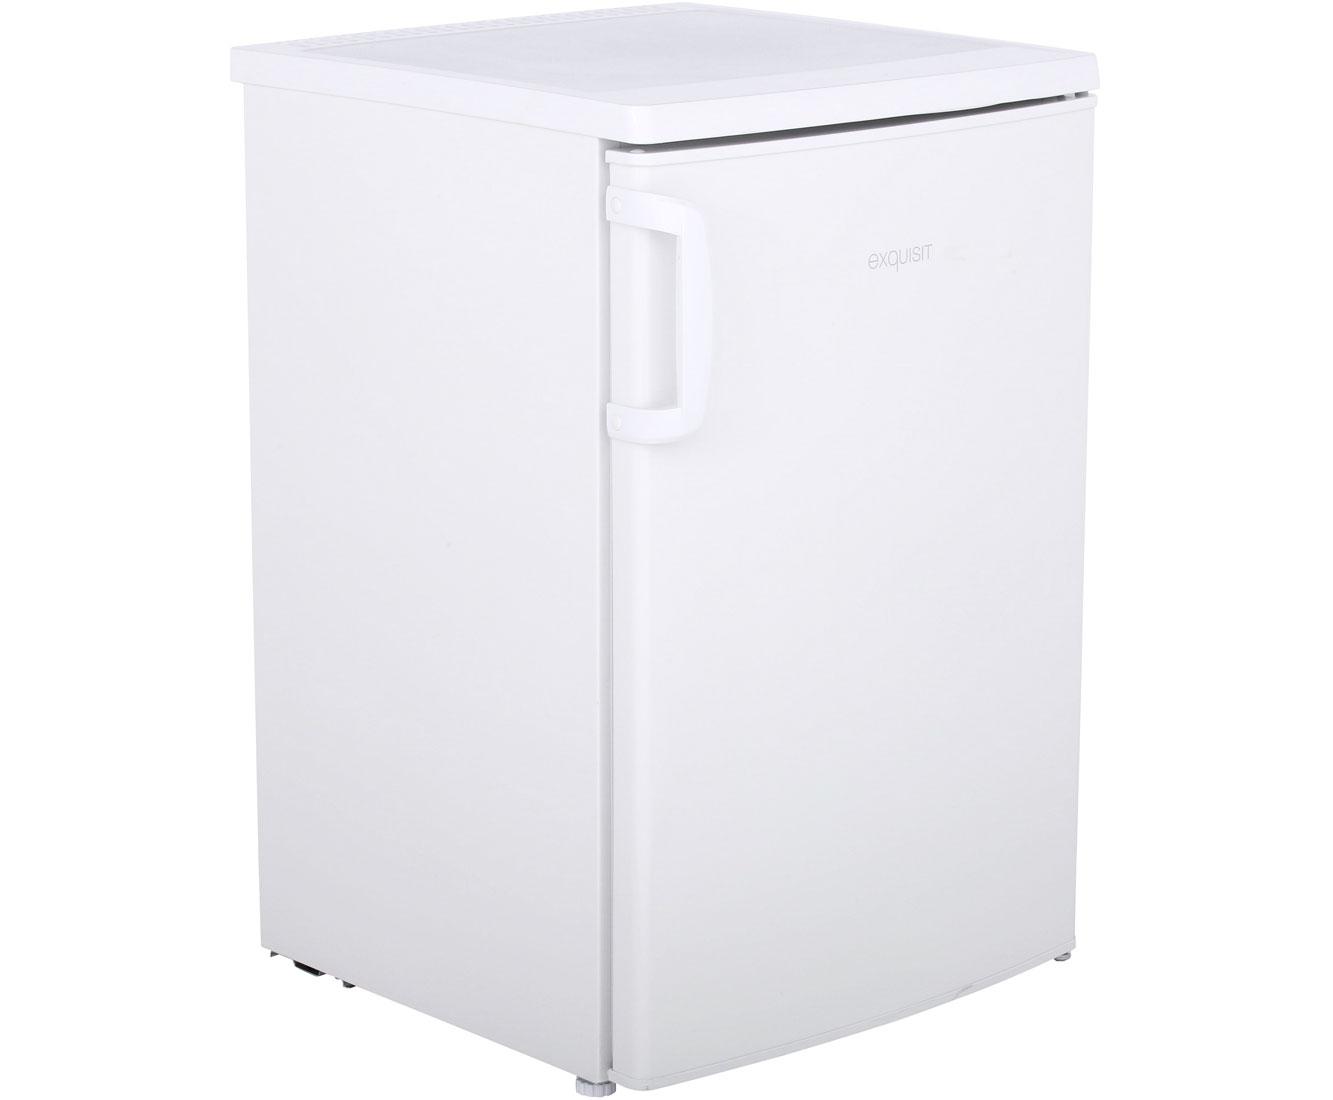 Smeg Kühlschrank Undicht : Kühlschrank wasserfilter undicht wasserfilter günstig kaufen ebay